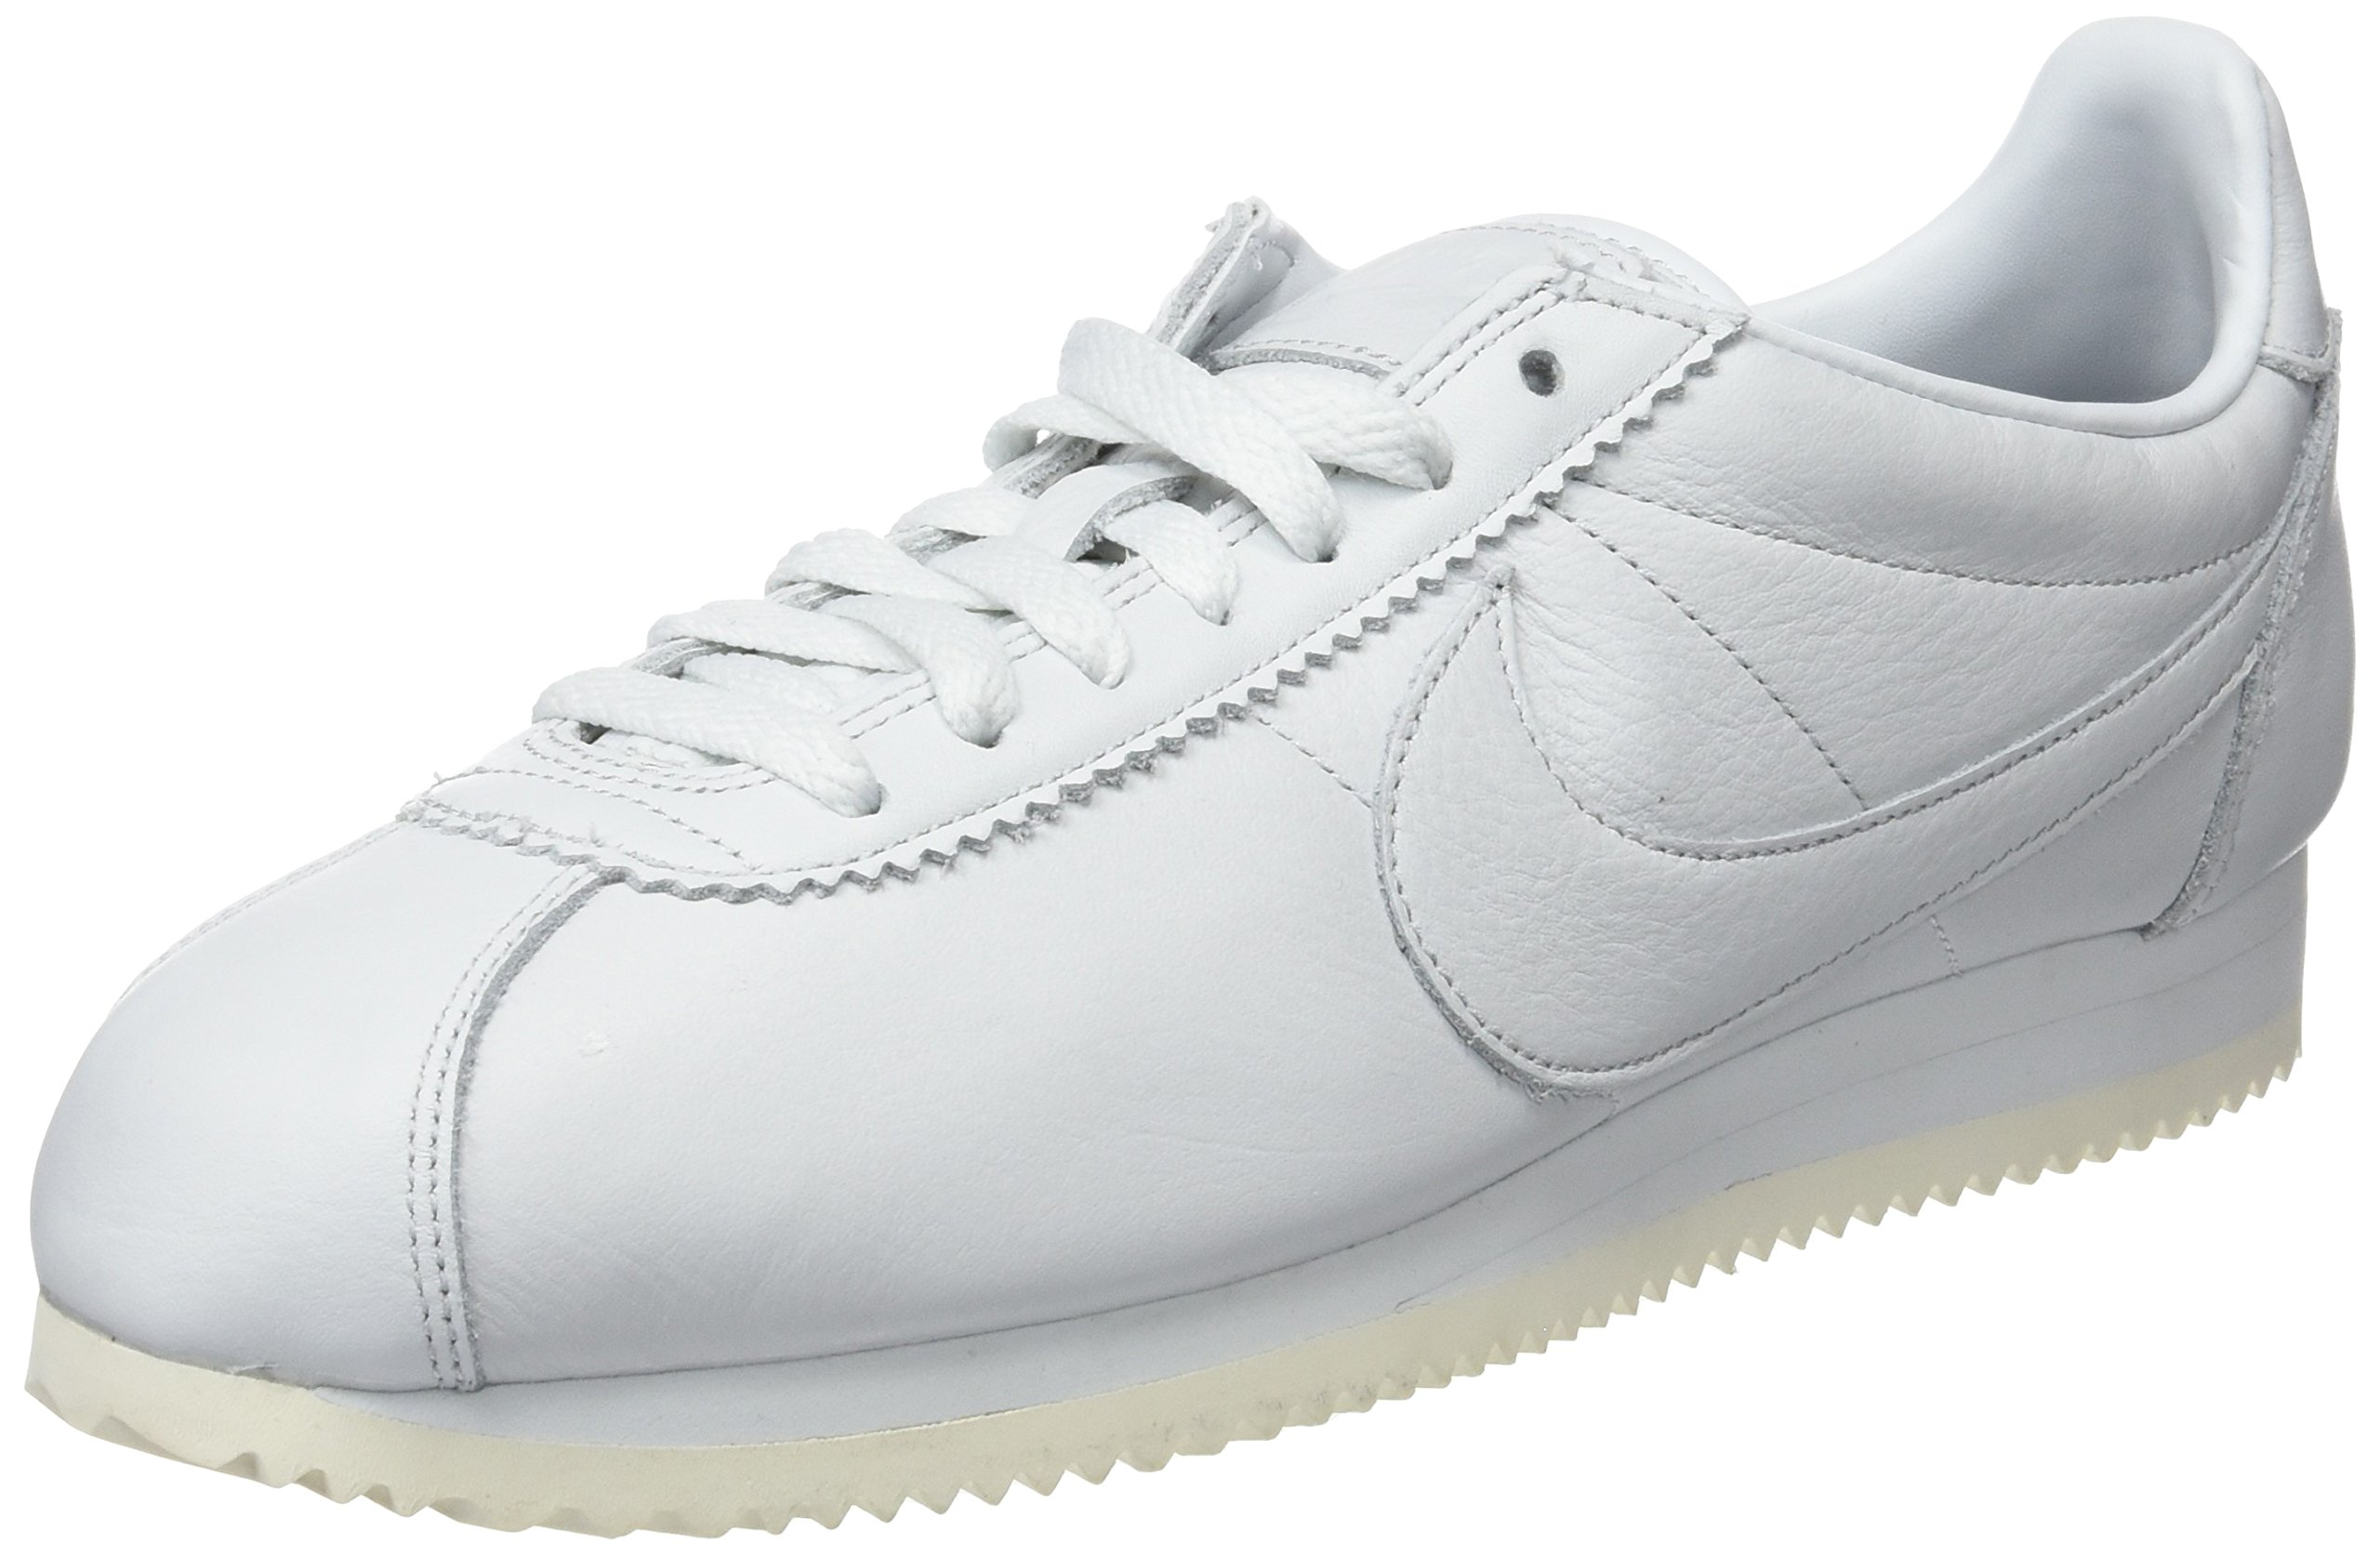 Cortez Homme PremChaussures Classic sail Blancoff 10245 White Gymnastique Nike White Eu De 5 off black cA54jSqR3L